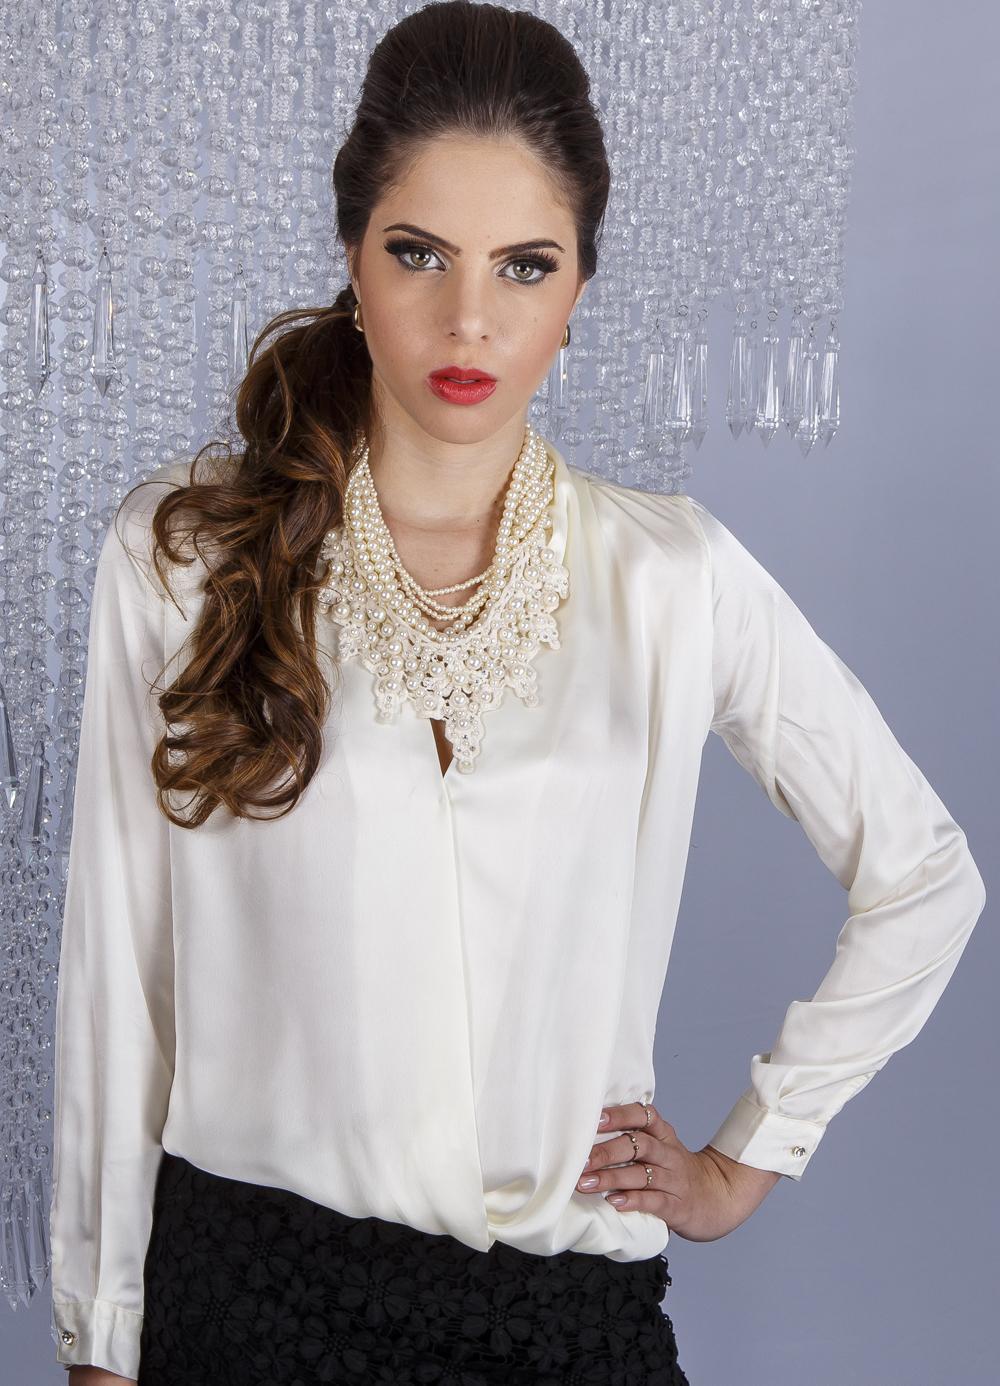 Camisas femininas Dudalina, preços 88